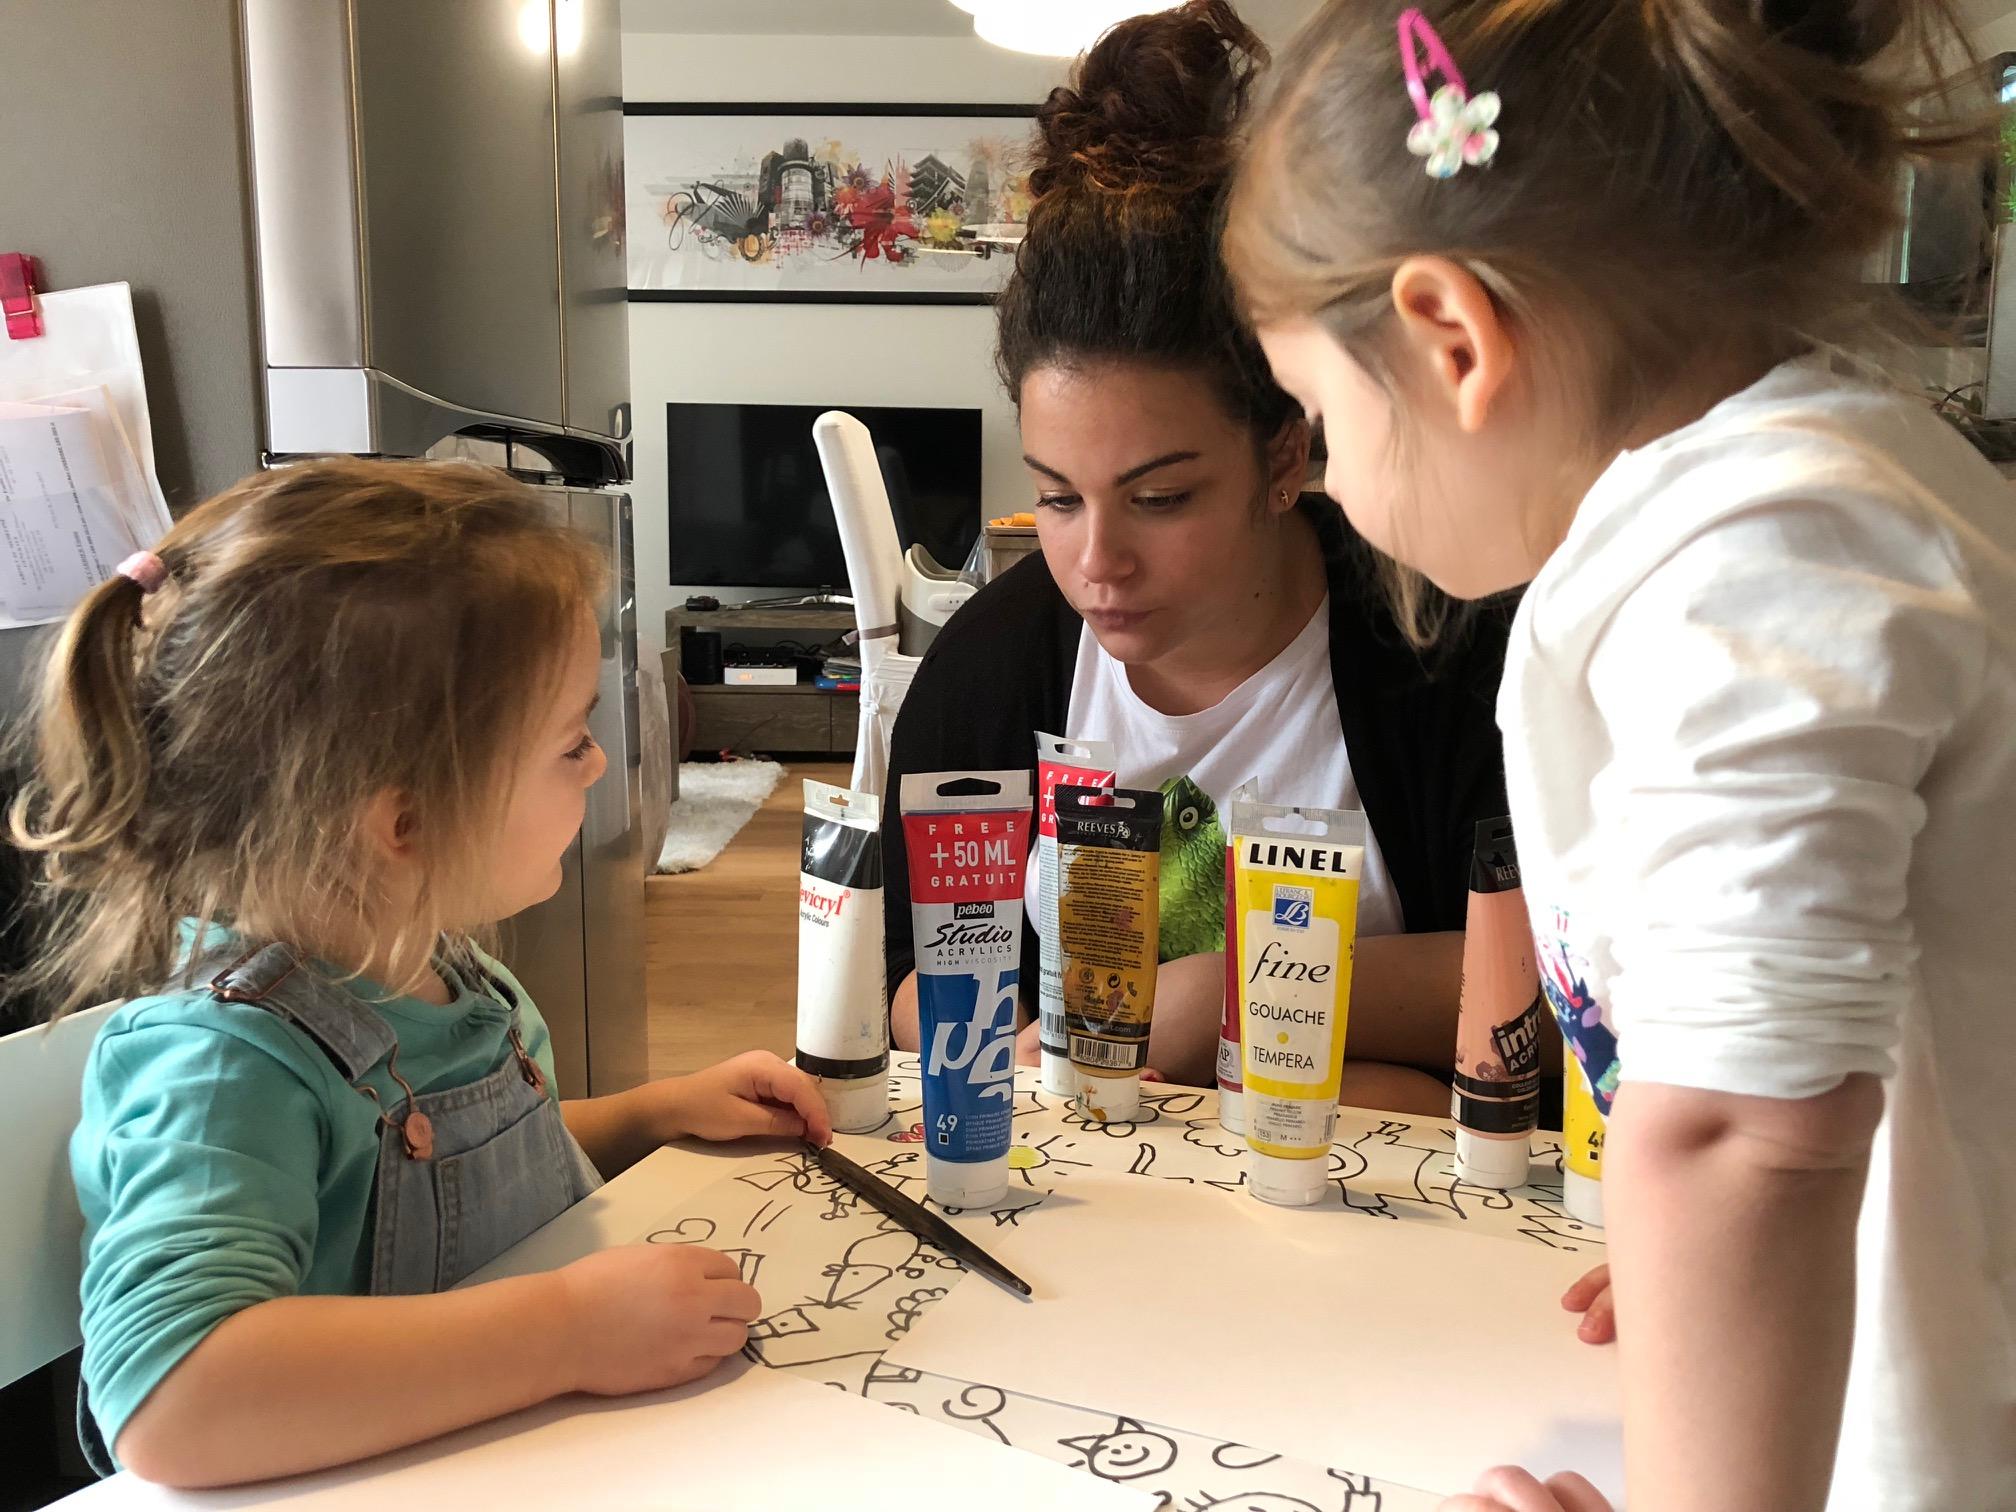 Le smarsitting garde enfant montessori